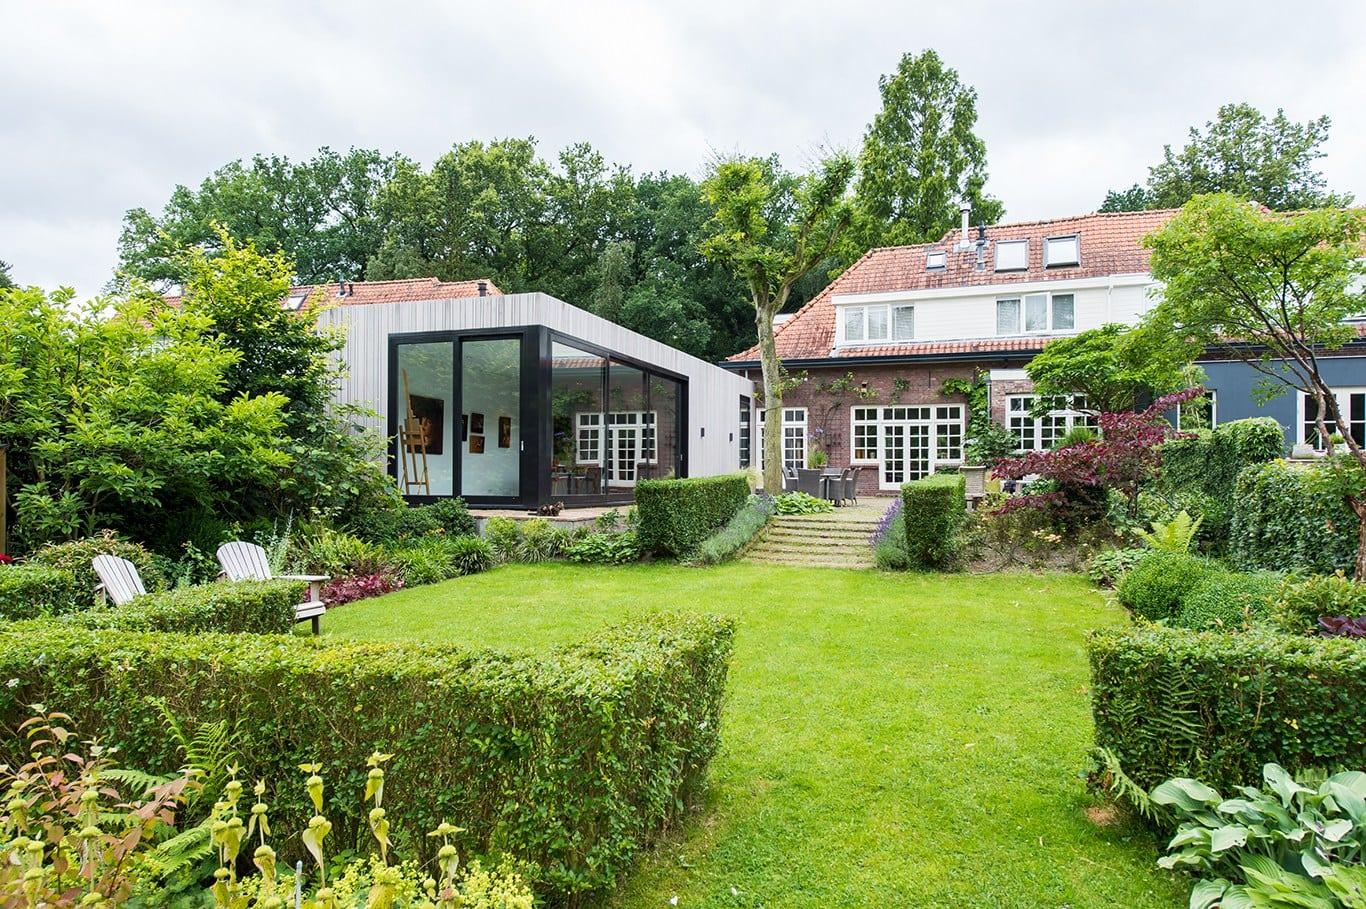 Atelier voor portretschilder in Breda. Zicht vanuit achterin de tuin op de langwerpige aanbouw met atelier. Doordat het atelier hoger ligt dan het achterste deel van de tuin geeft dit extra uitzicht op de tuin en creëert dit extra lucht en licht in het atelier.